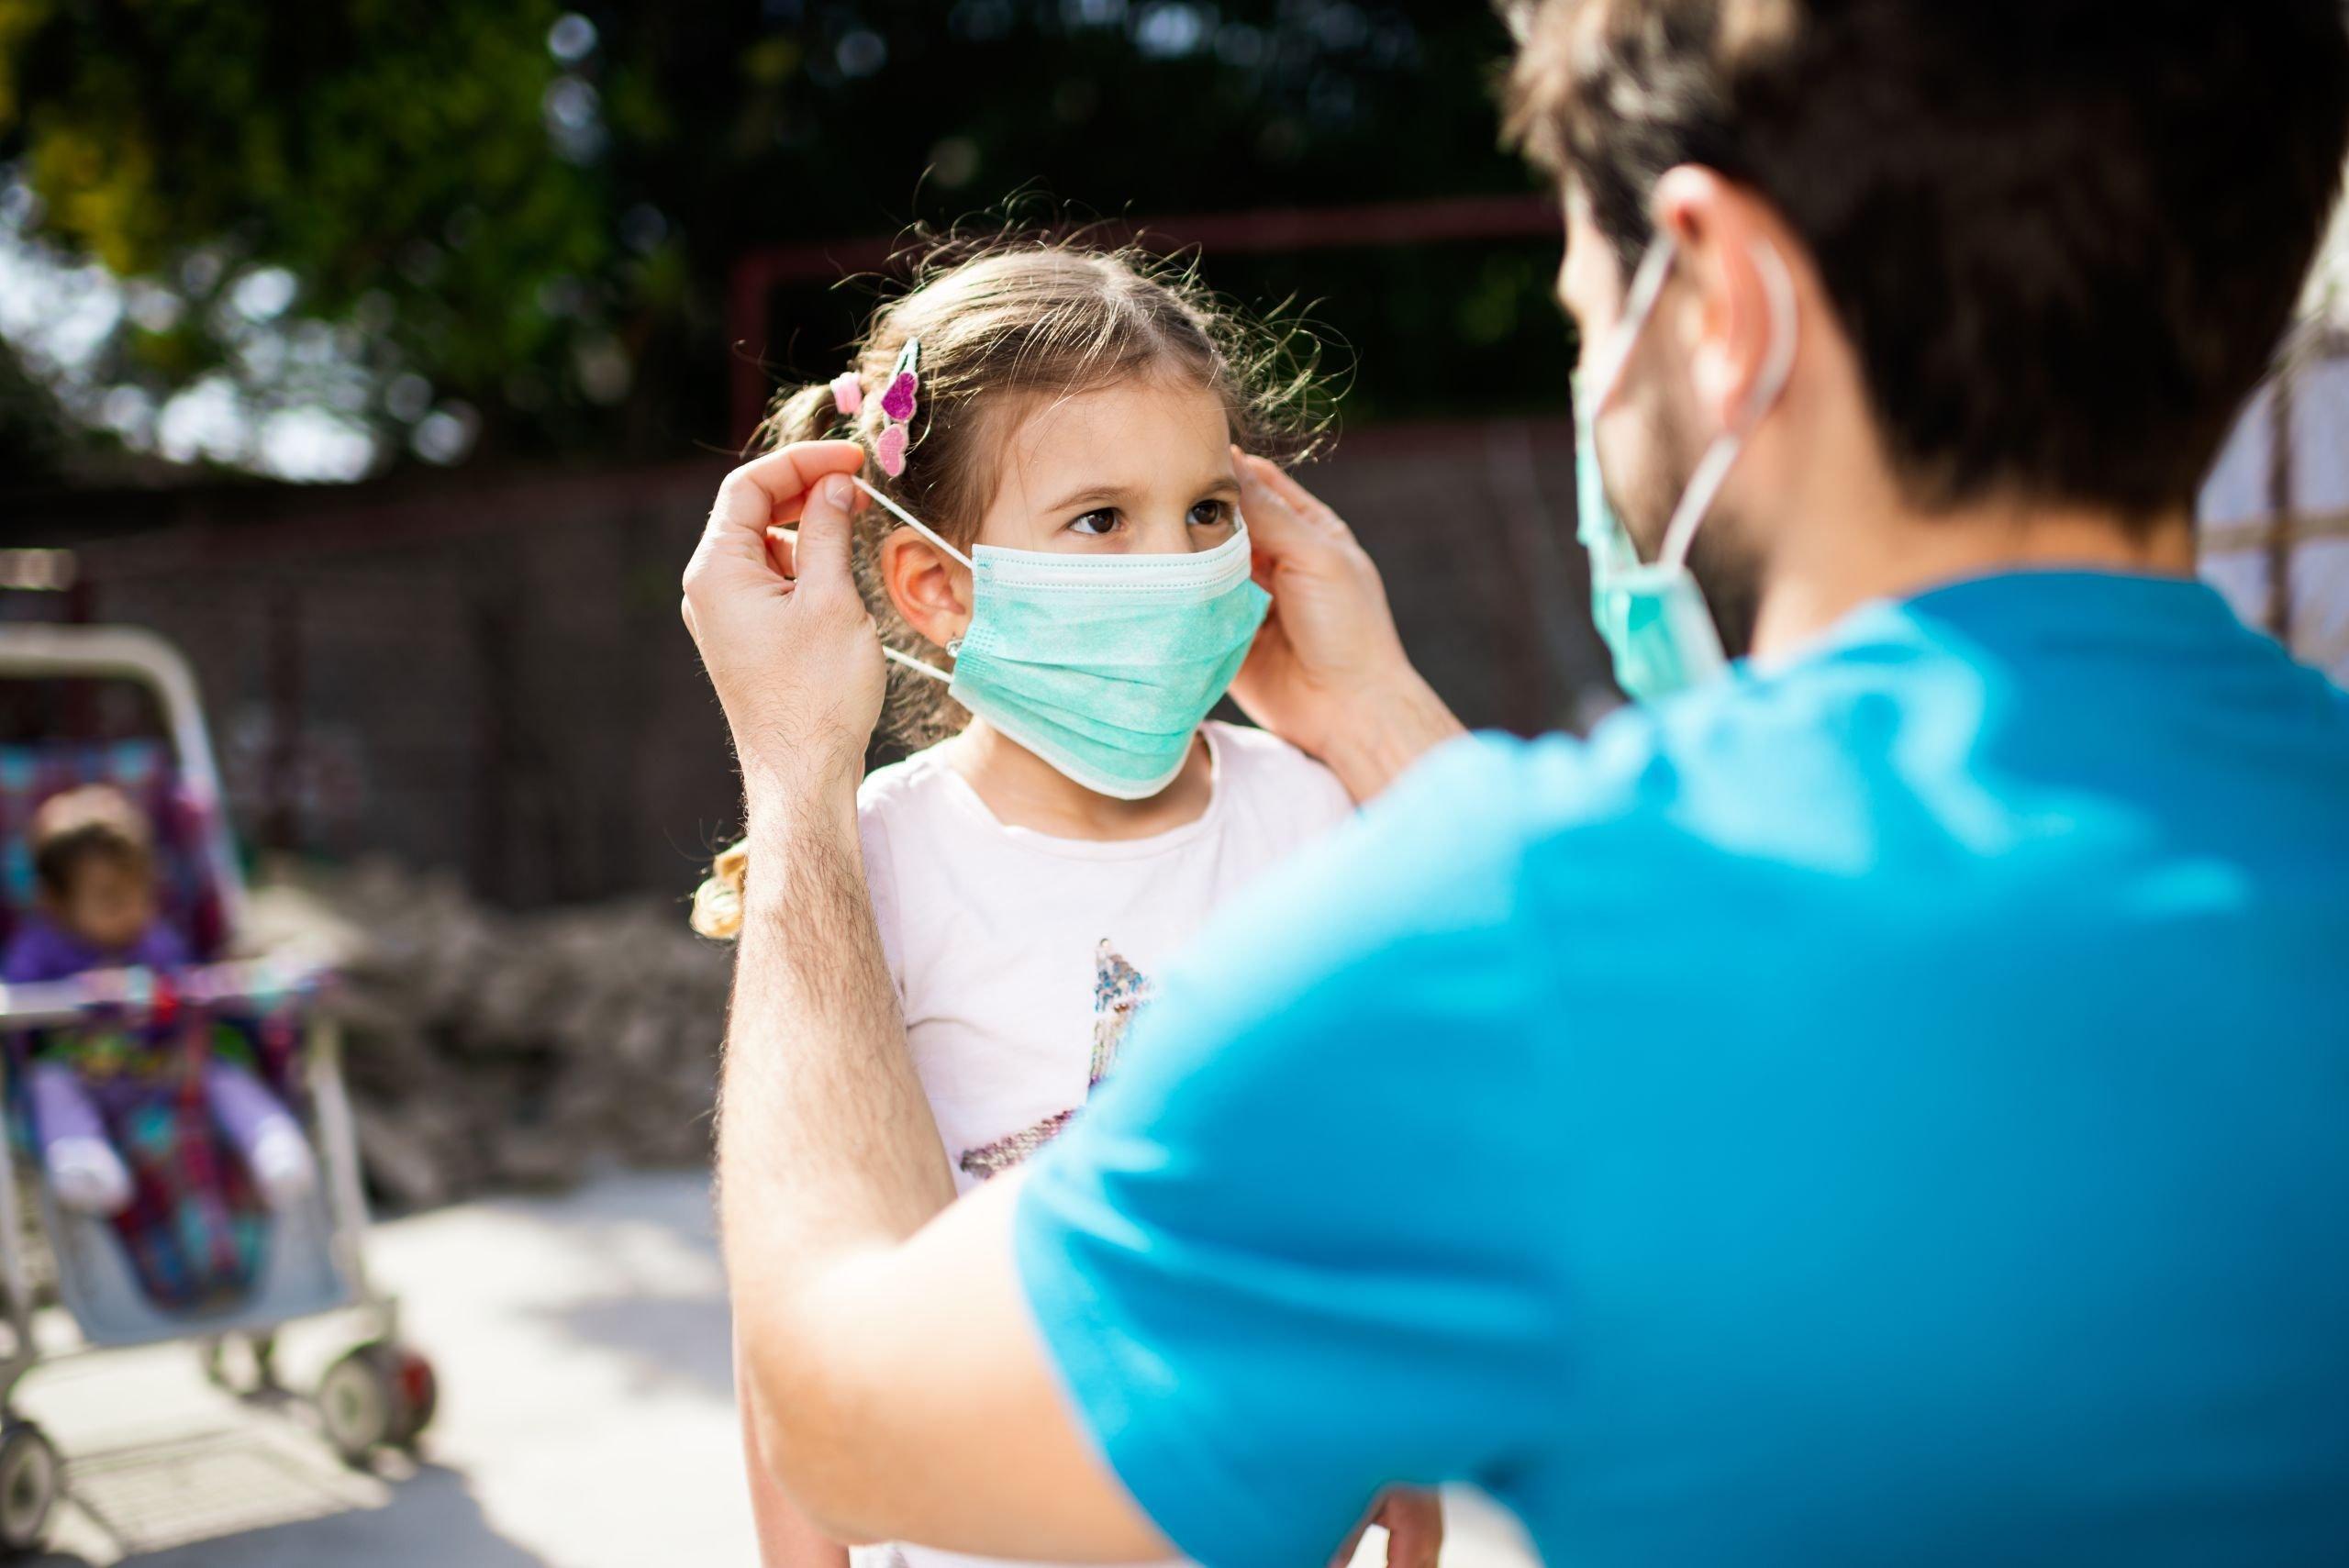 Кличко обеспокоен ростом заболеваемости COVID-19 в детских садиках